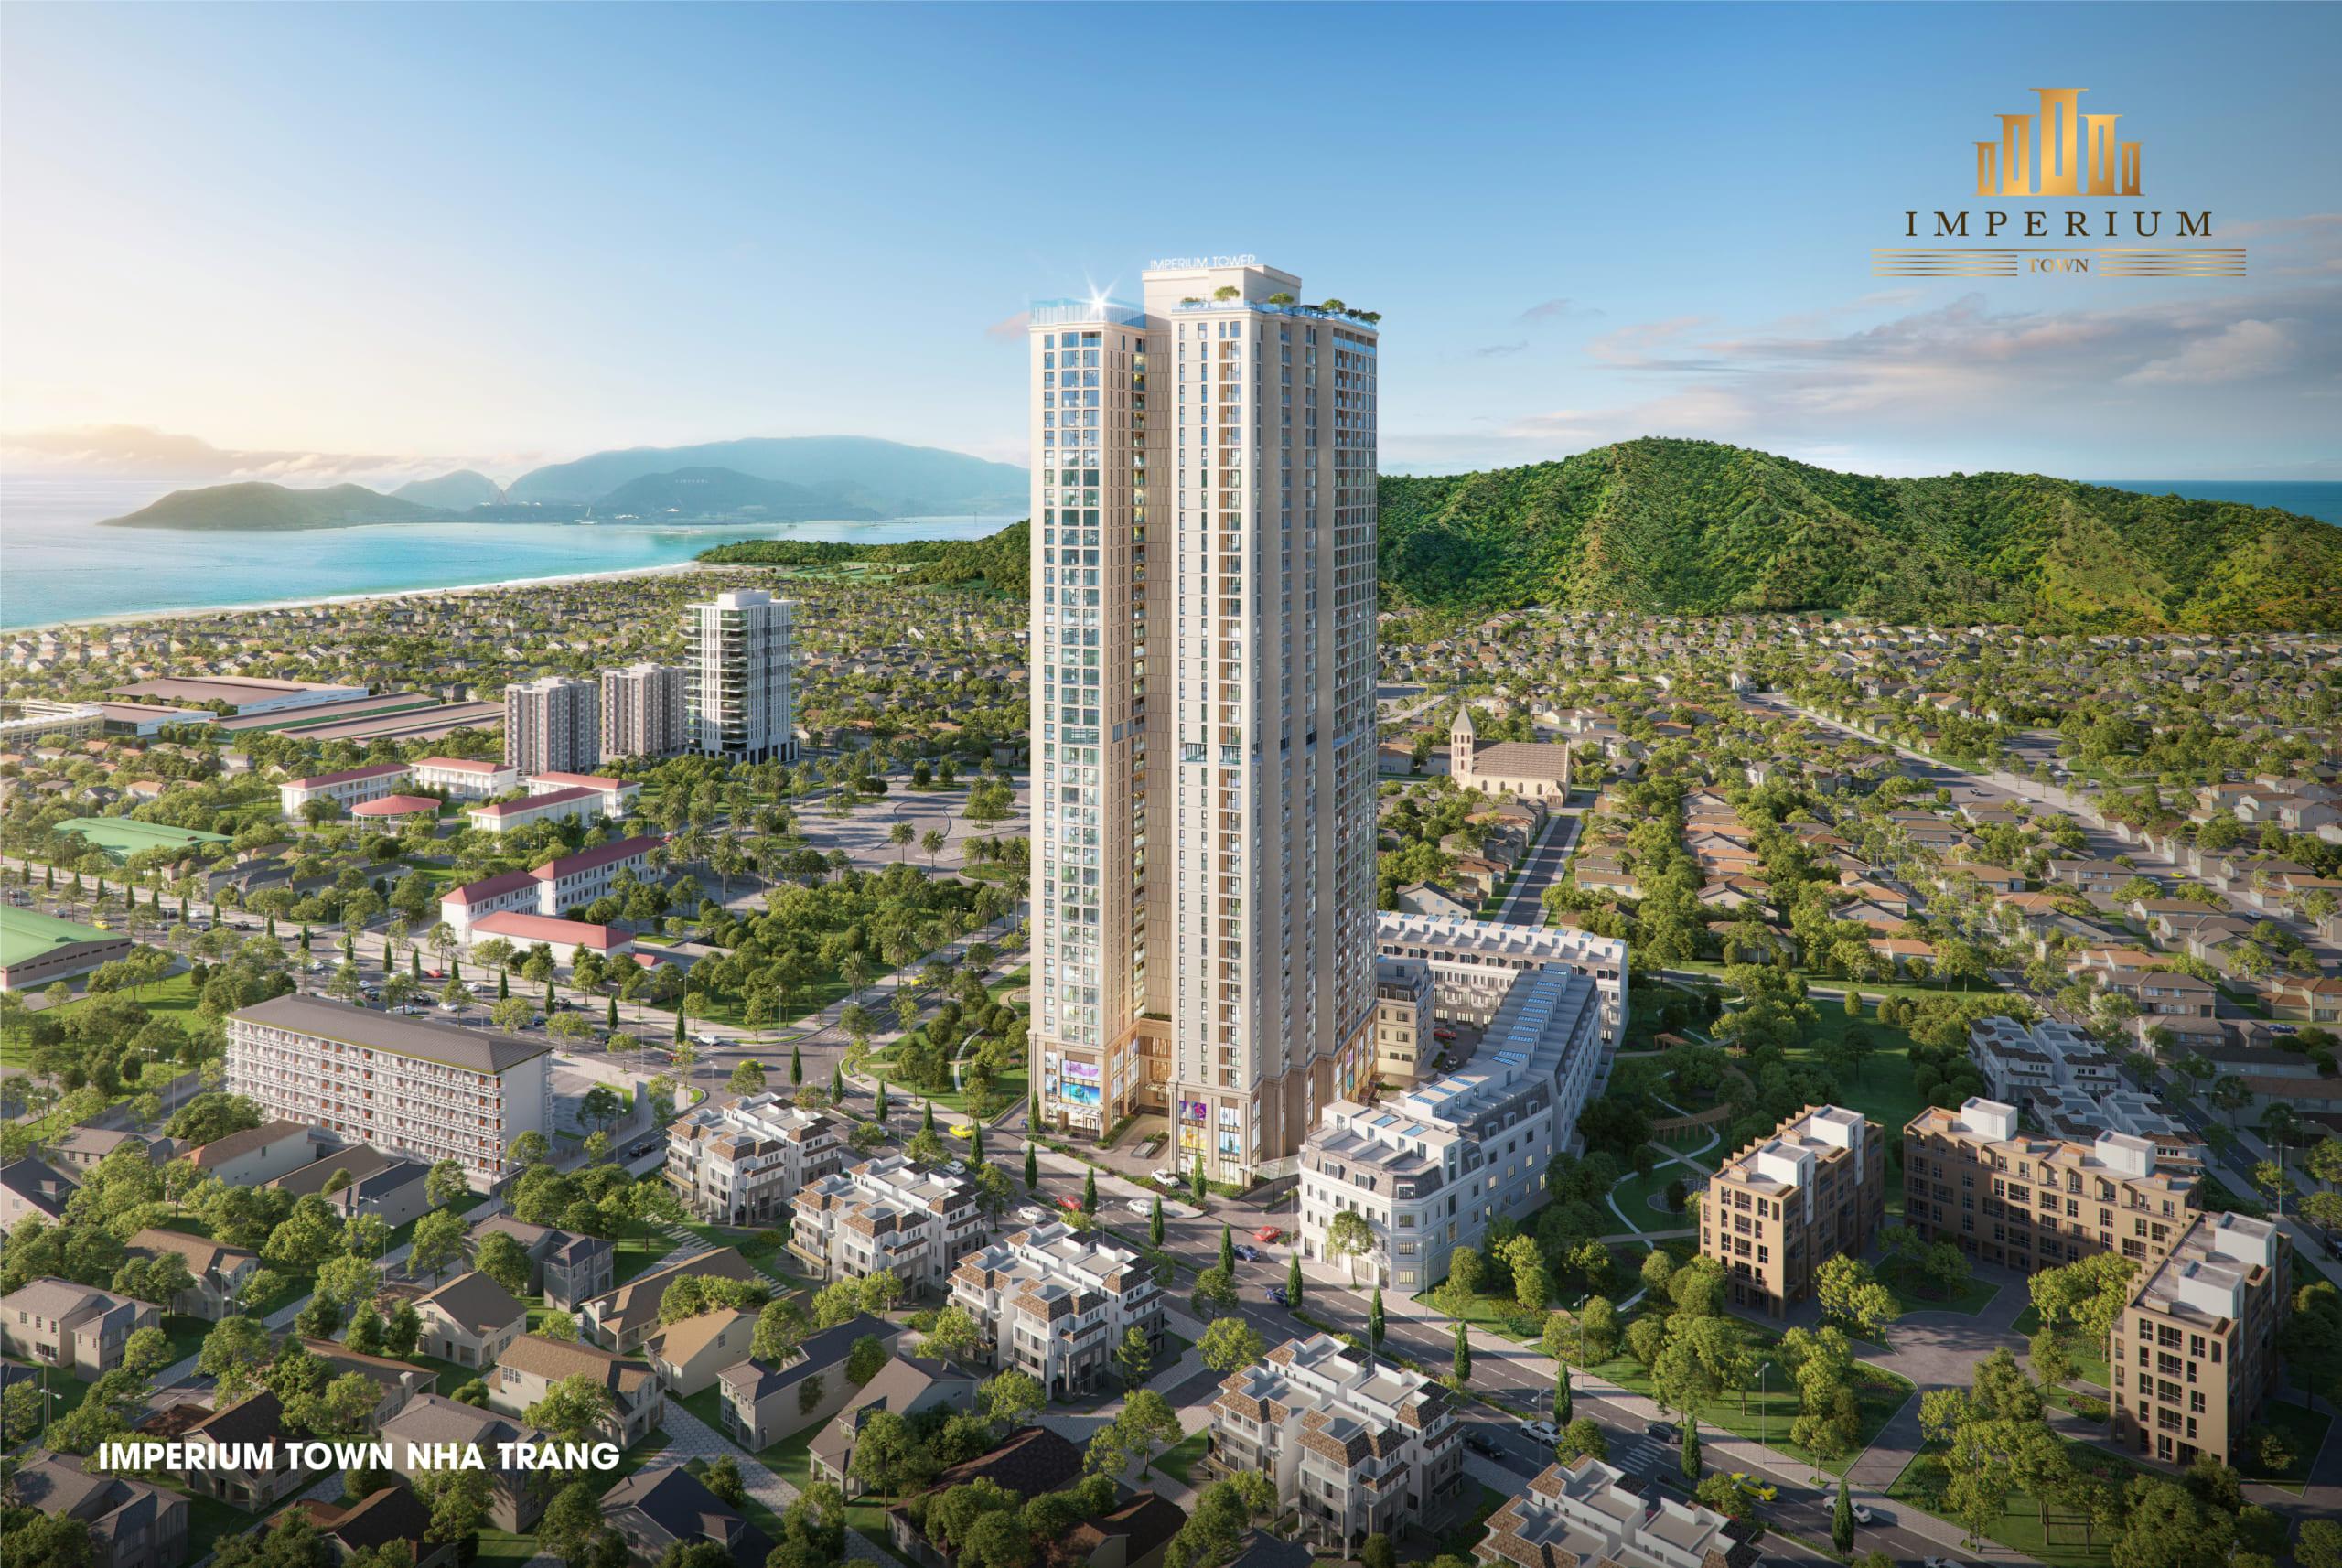 Cần bán Căn hộ chung cư đường Bảo Ngọc, Phường Ngô Quyền, Diện tích 60m², Giá Bốn mươi hai triệu đồng/m² - LH: 0382526822